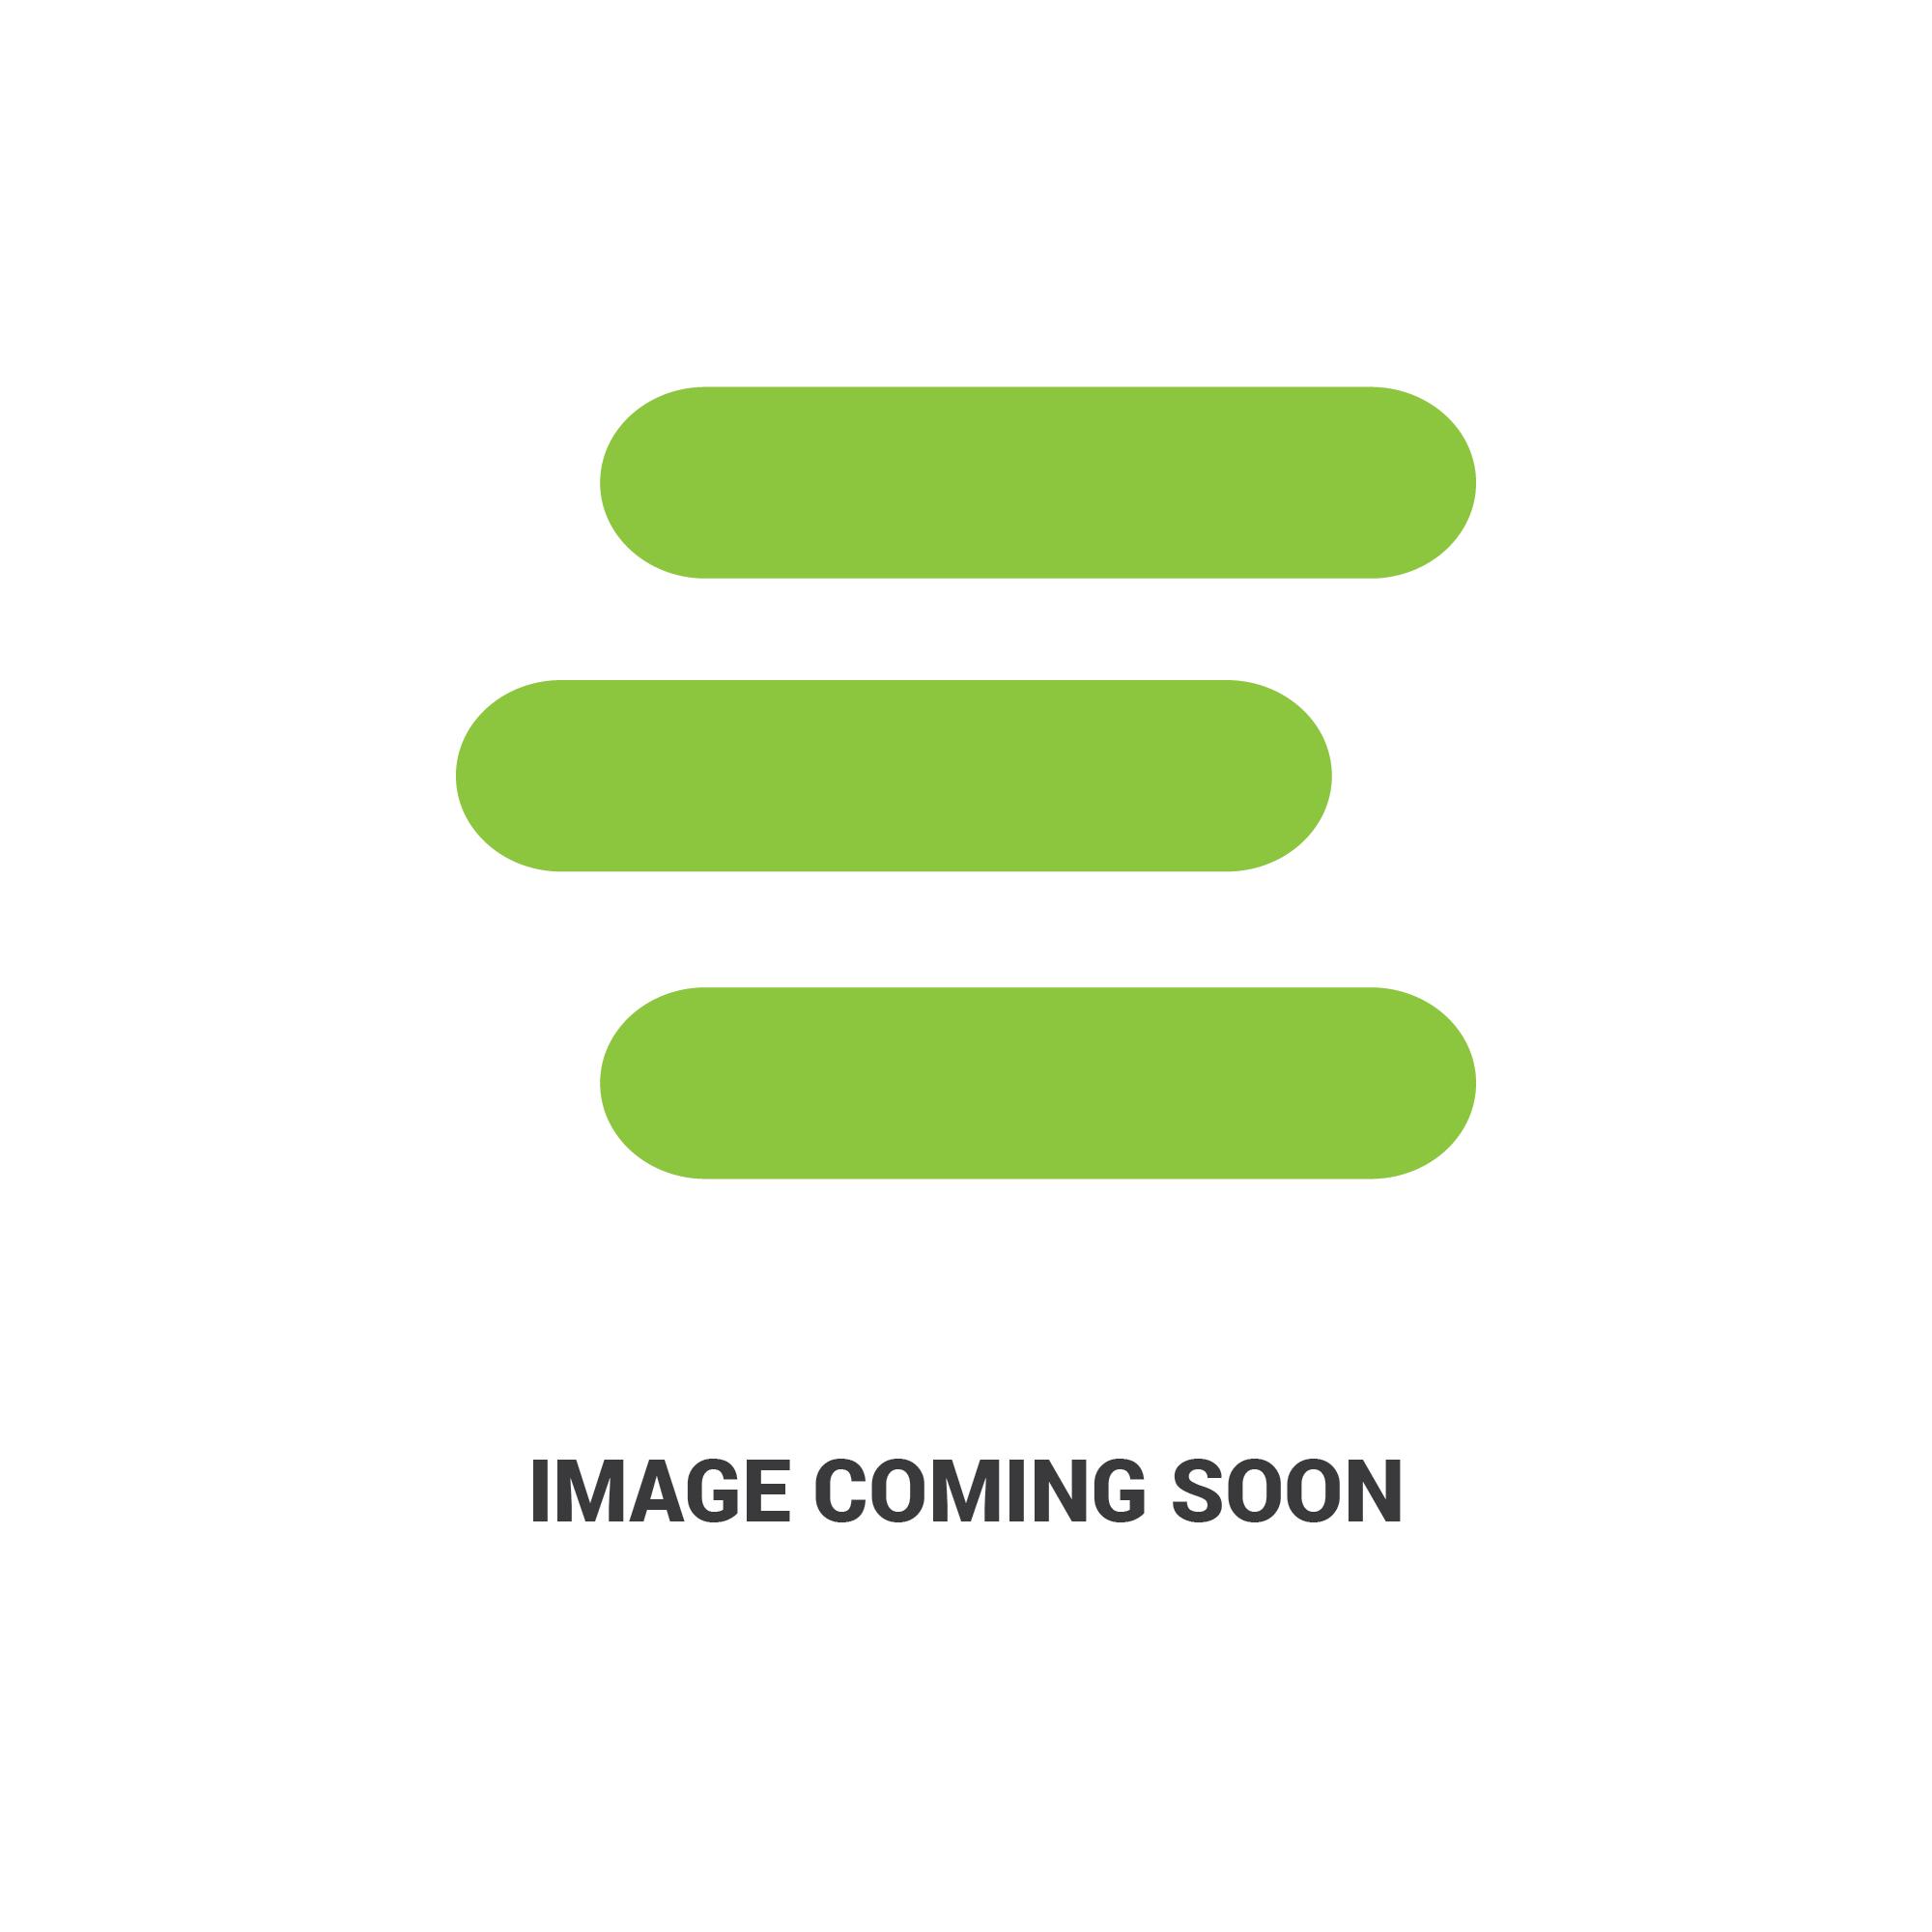 E-53066-7503-MA2097_2.jpg